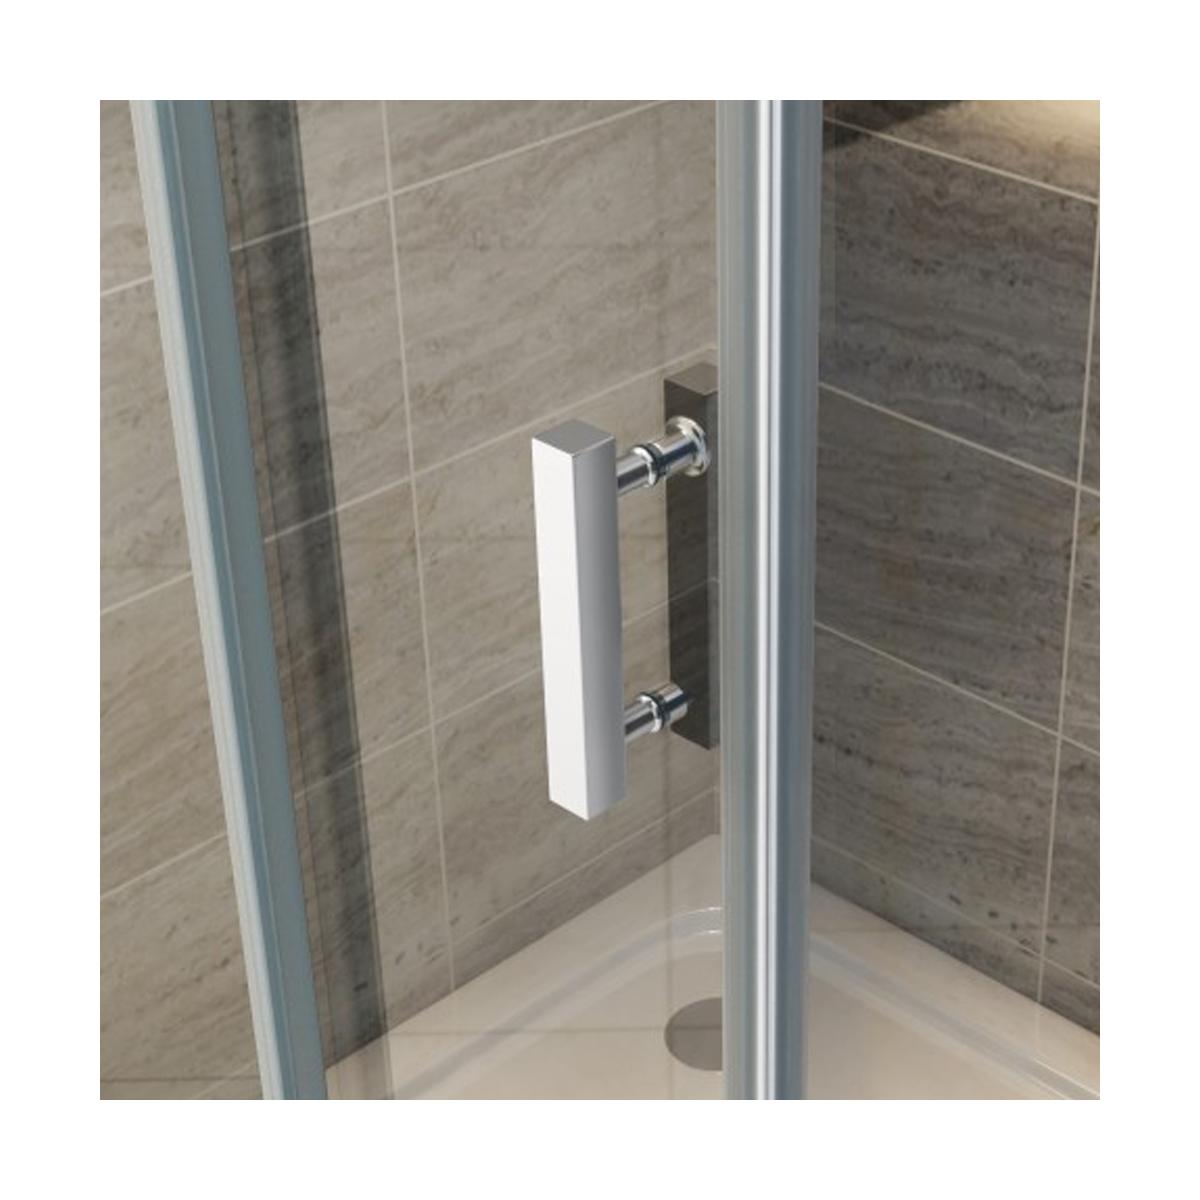 Porta doccia nicchia scorrevole ambra cristallo trasparente 8mm - Porta in cristallo scorrevole ...